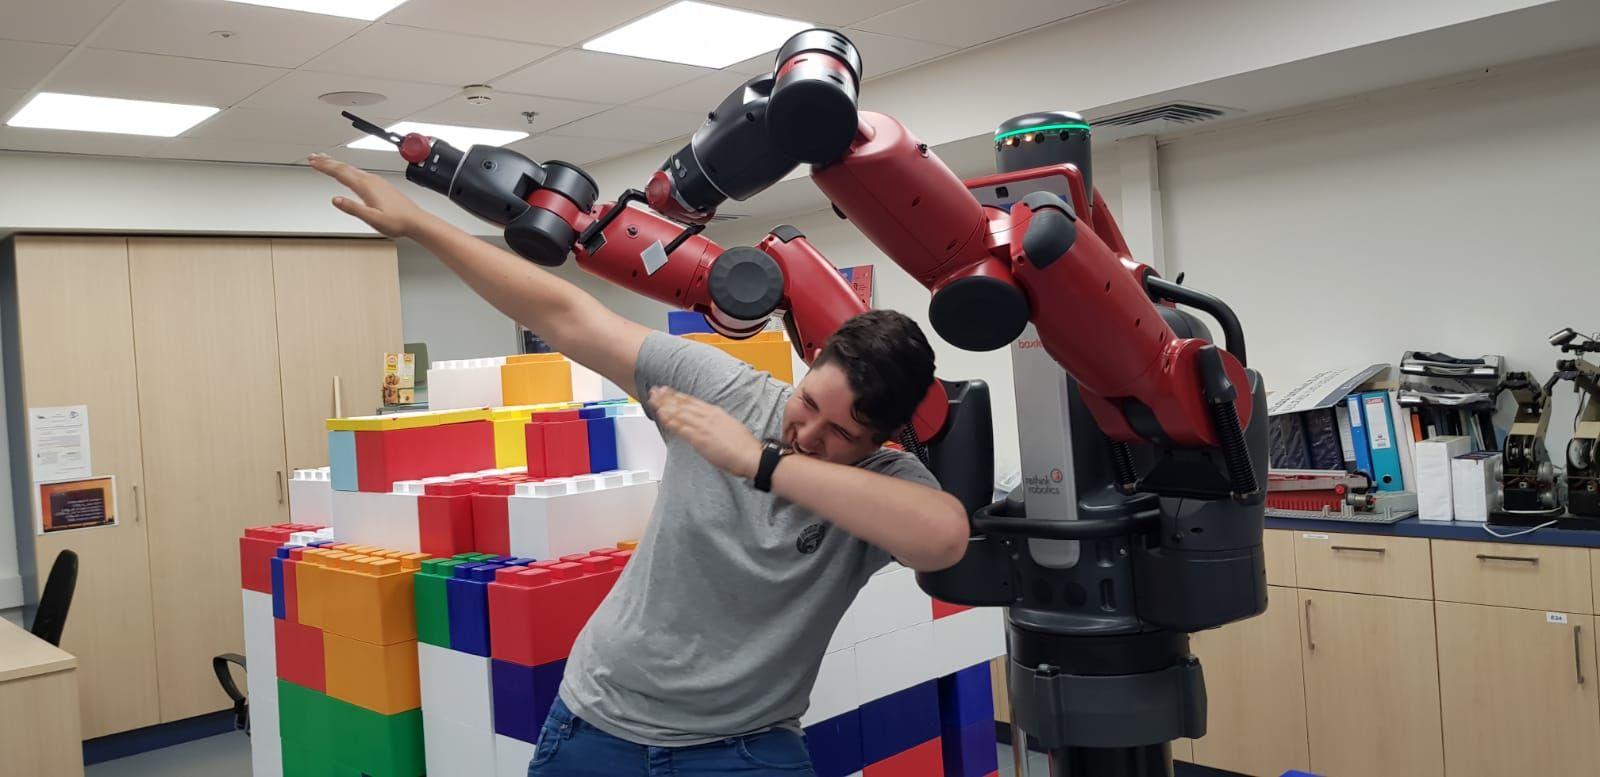 Хайфа – Бостон: образовательный проект по изучению робототехники